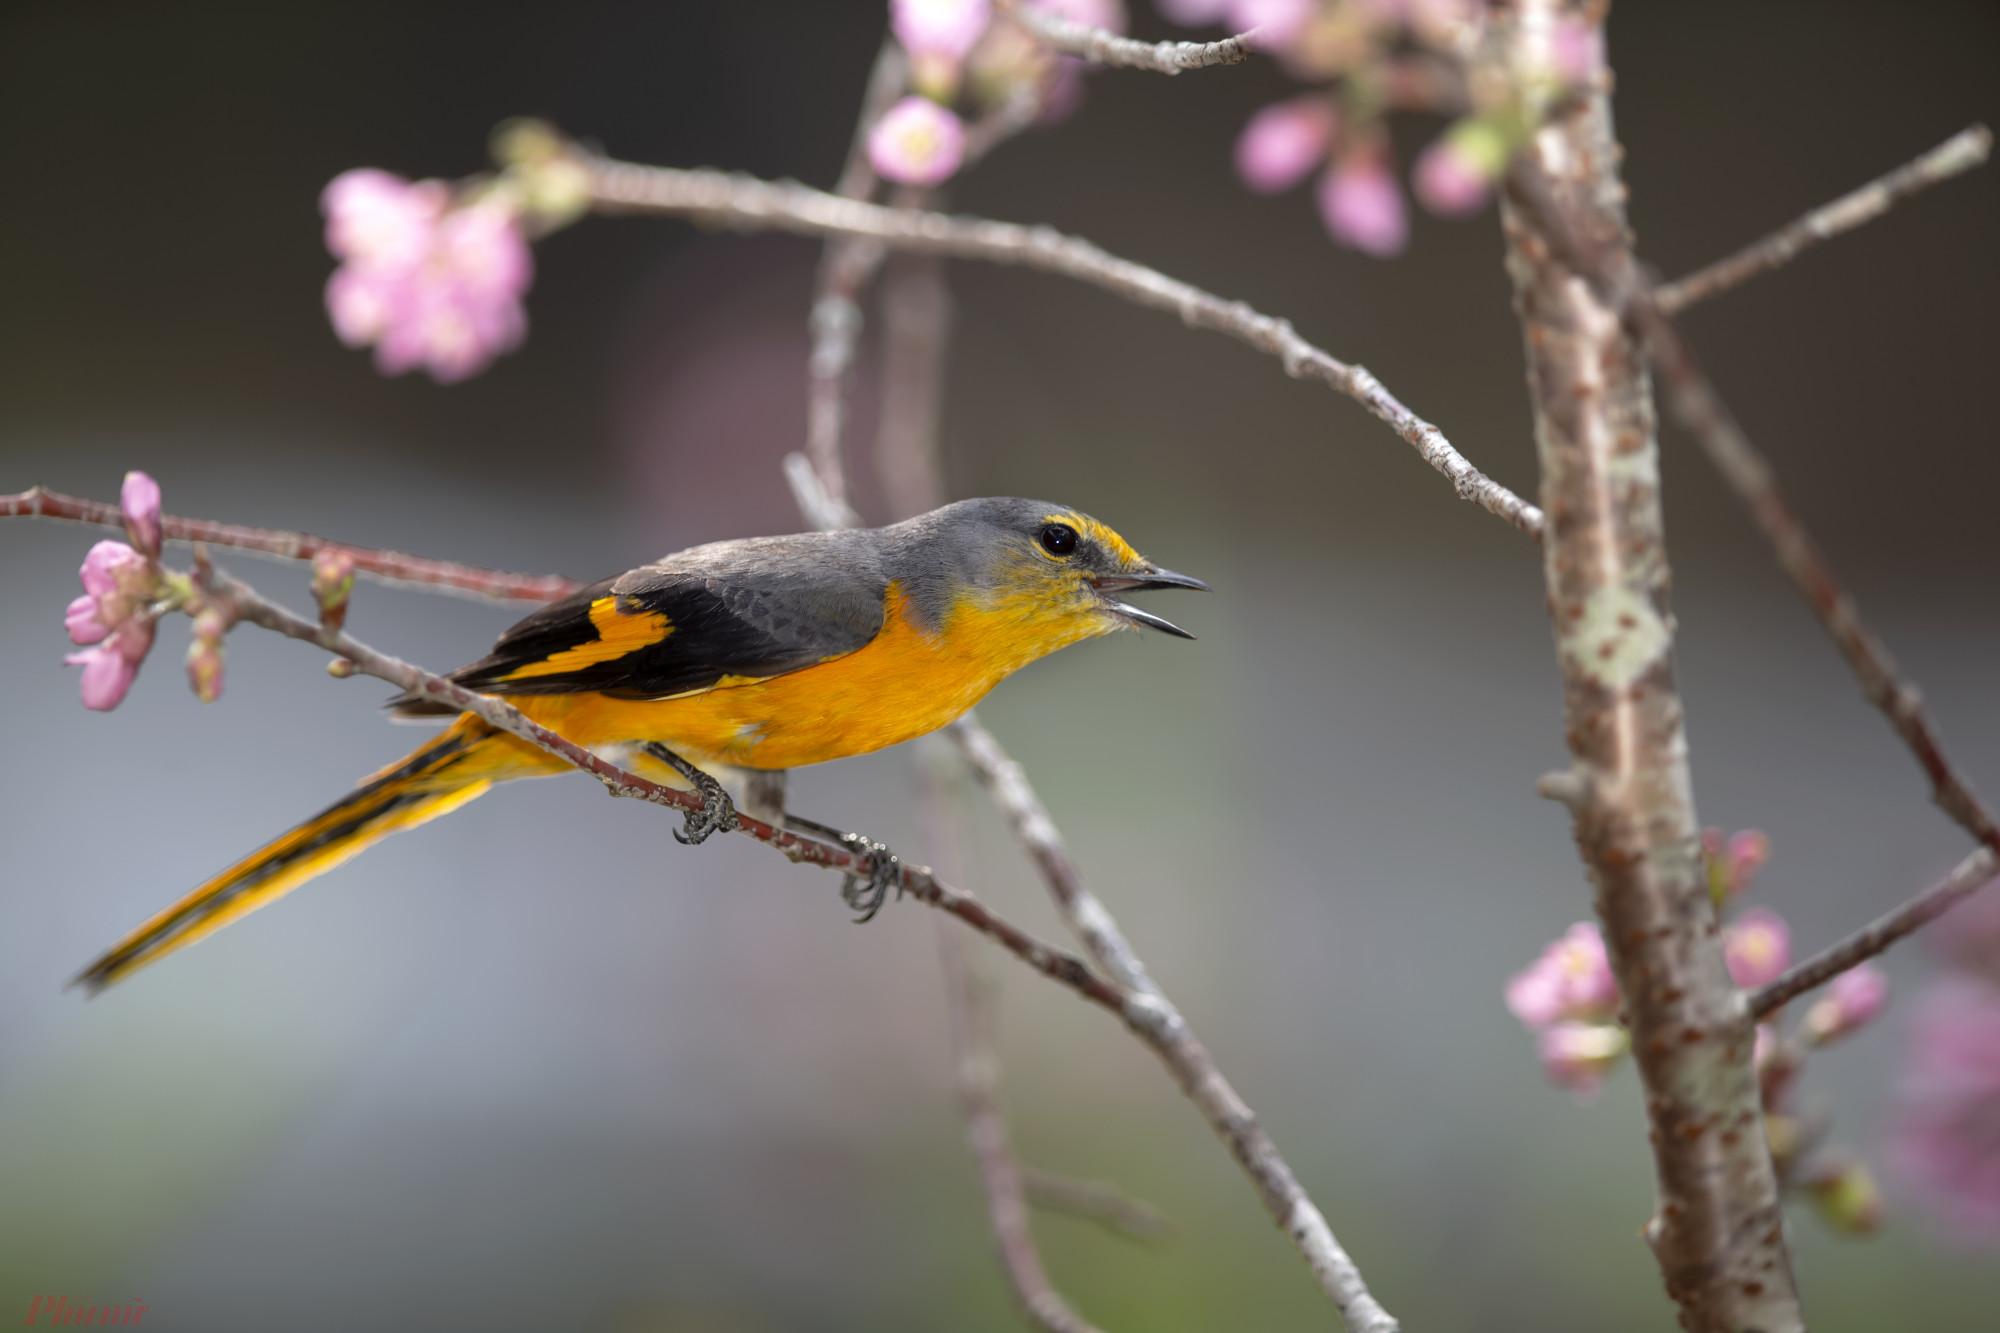 Các con chim lạ xuất hiện bên hoa đào chủ yếu là chim hút mật. Hiếm hoi mới có một con chim hoàng tước lọt vào ống kính của các tay săn ảnh.